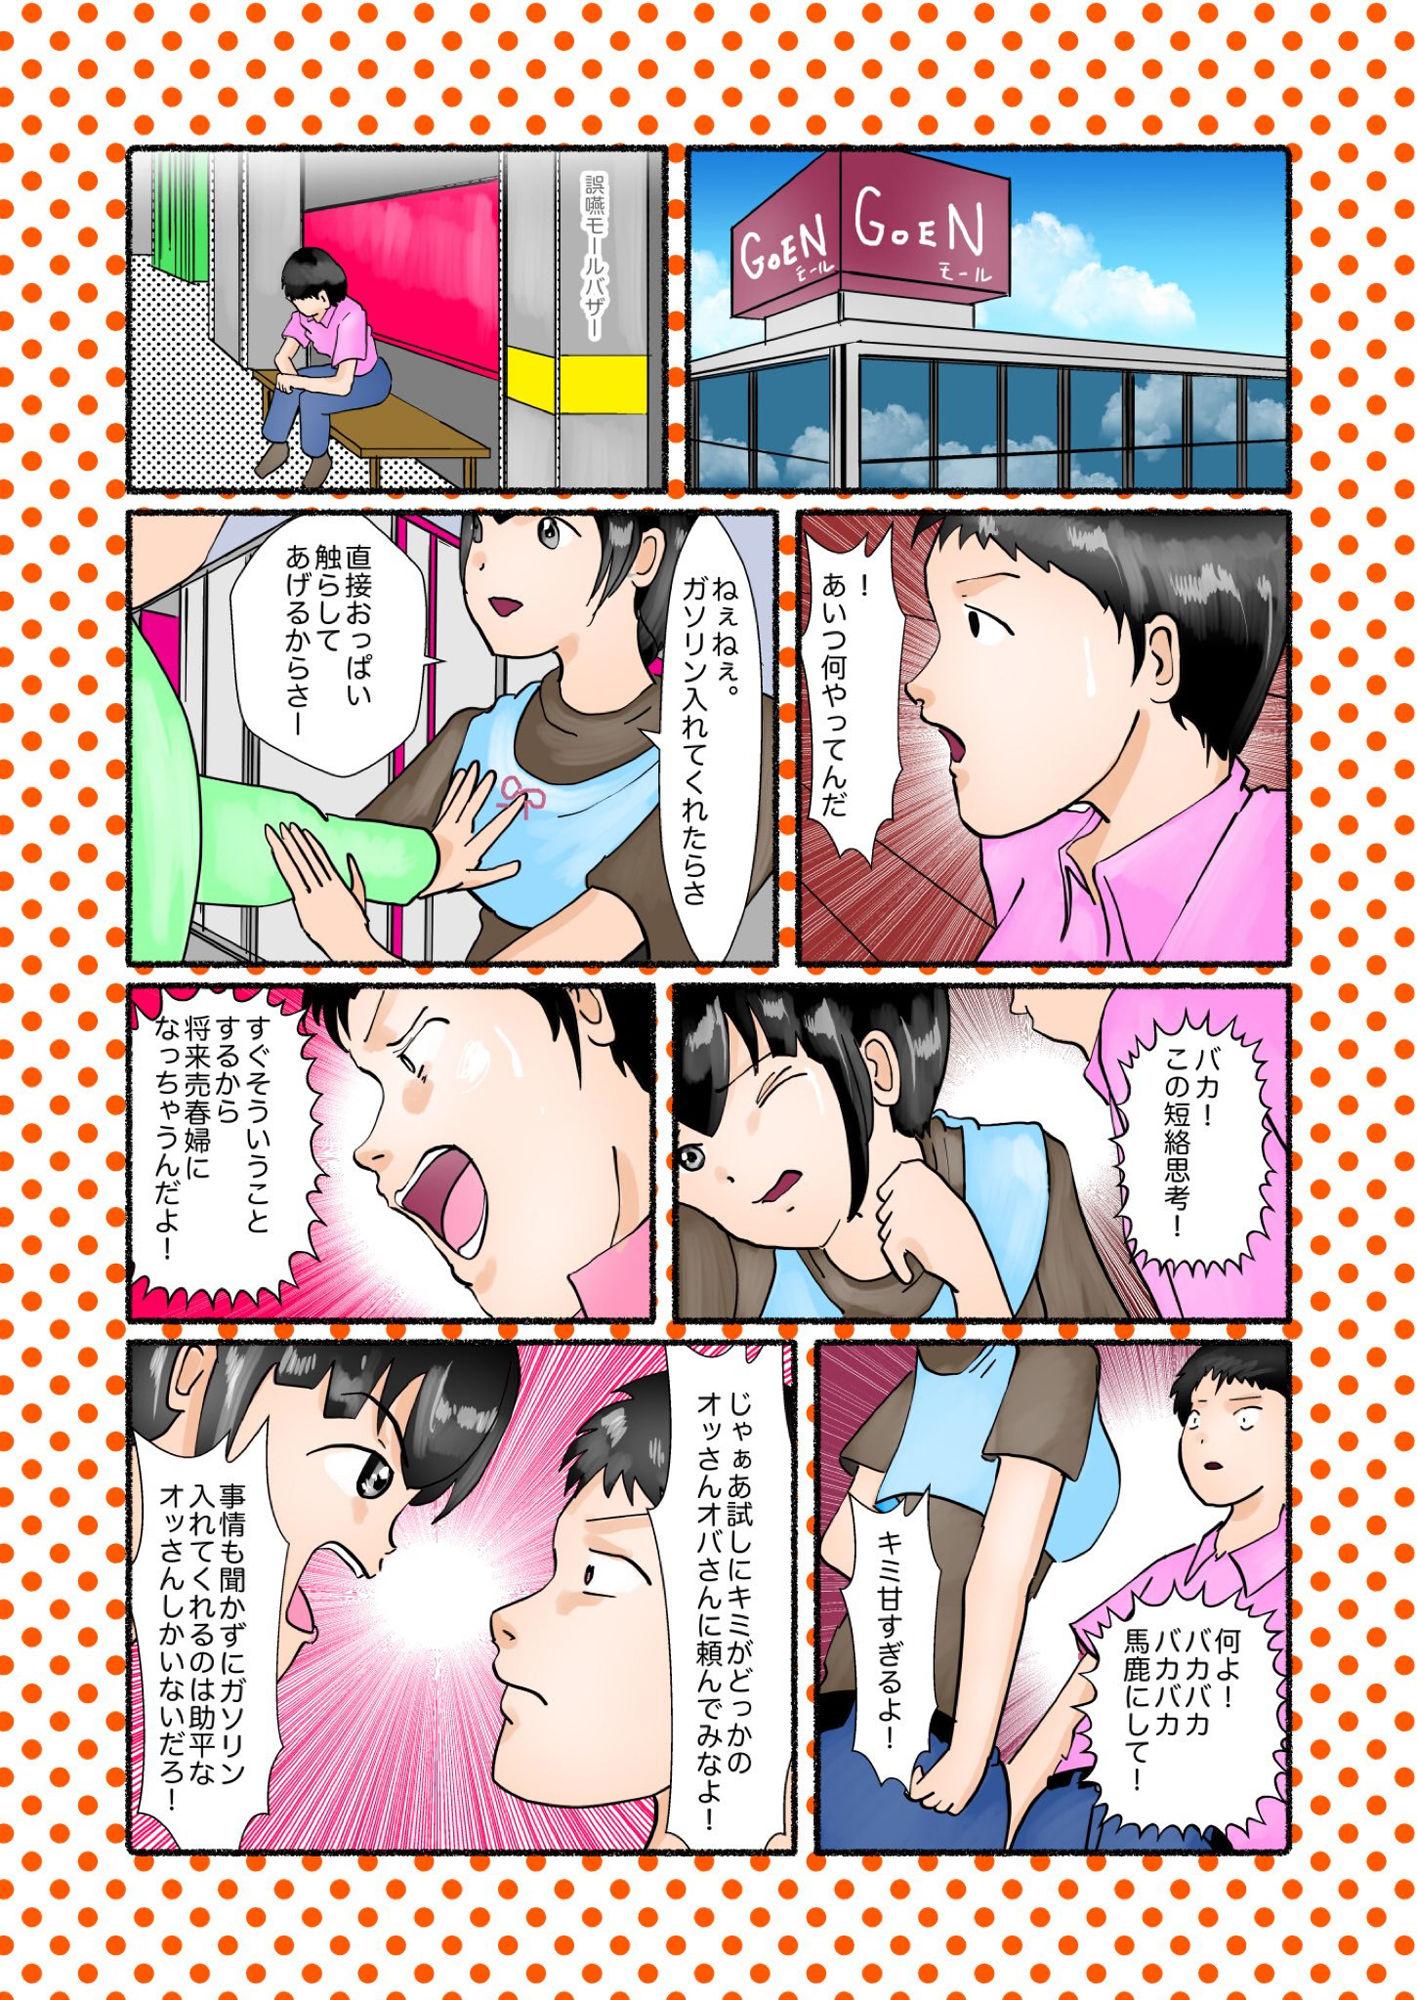 【ぼーぼーず 同人】可奈ちゃんの彼氏になるために4最終回